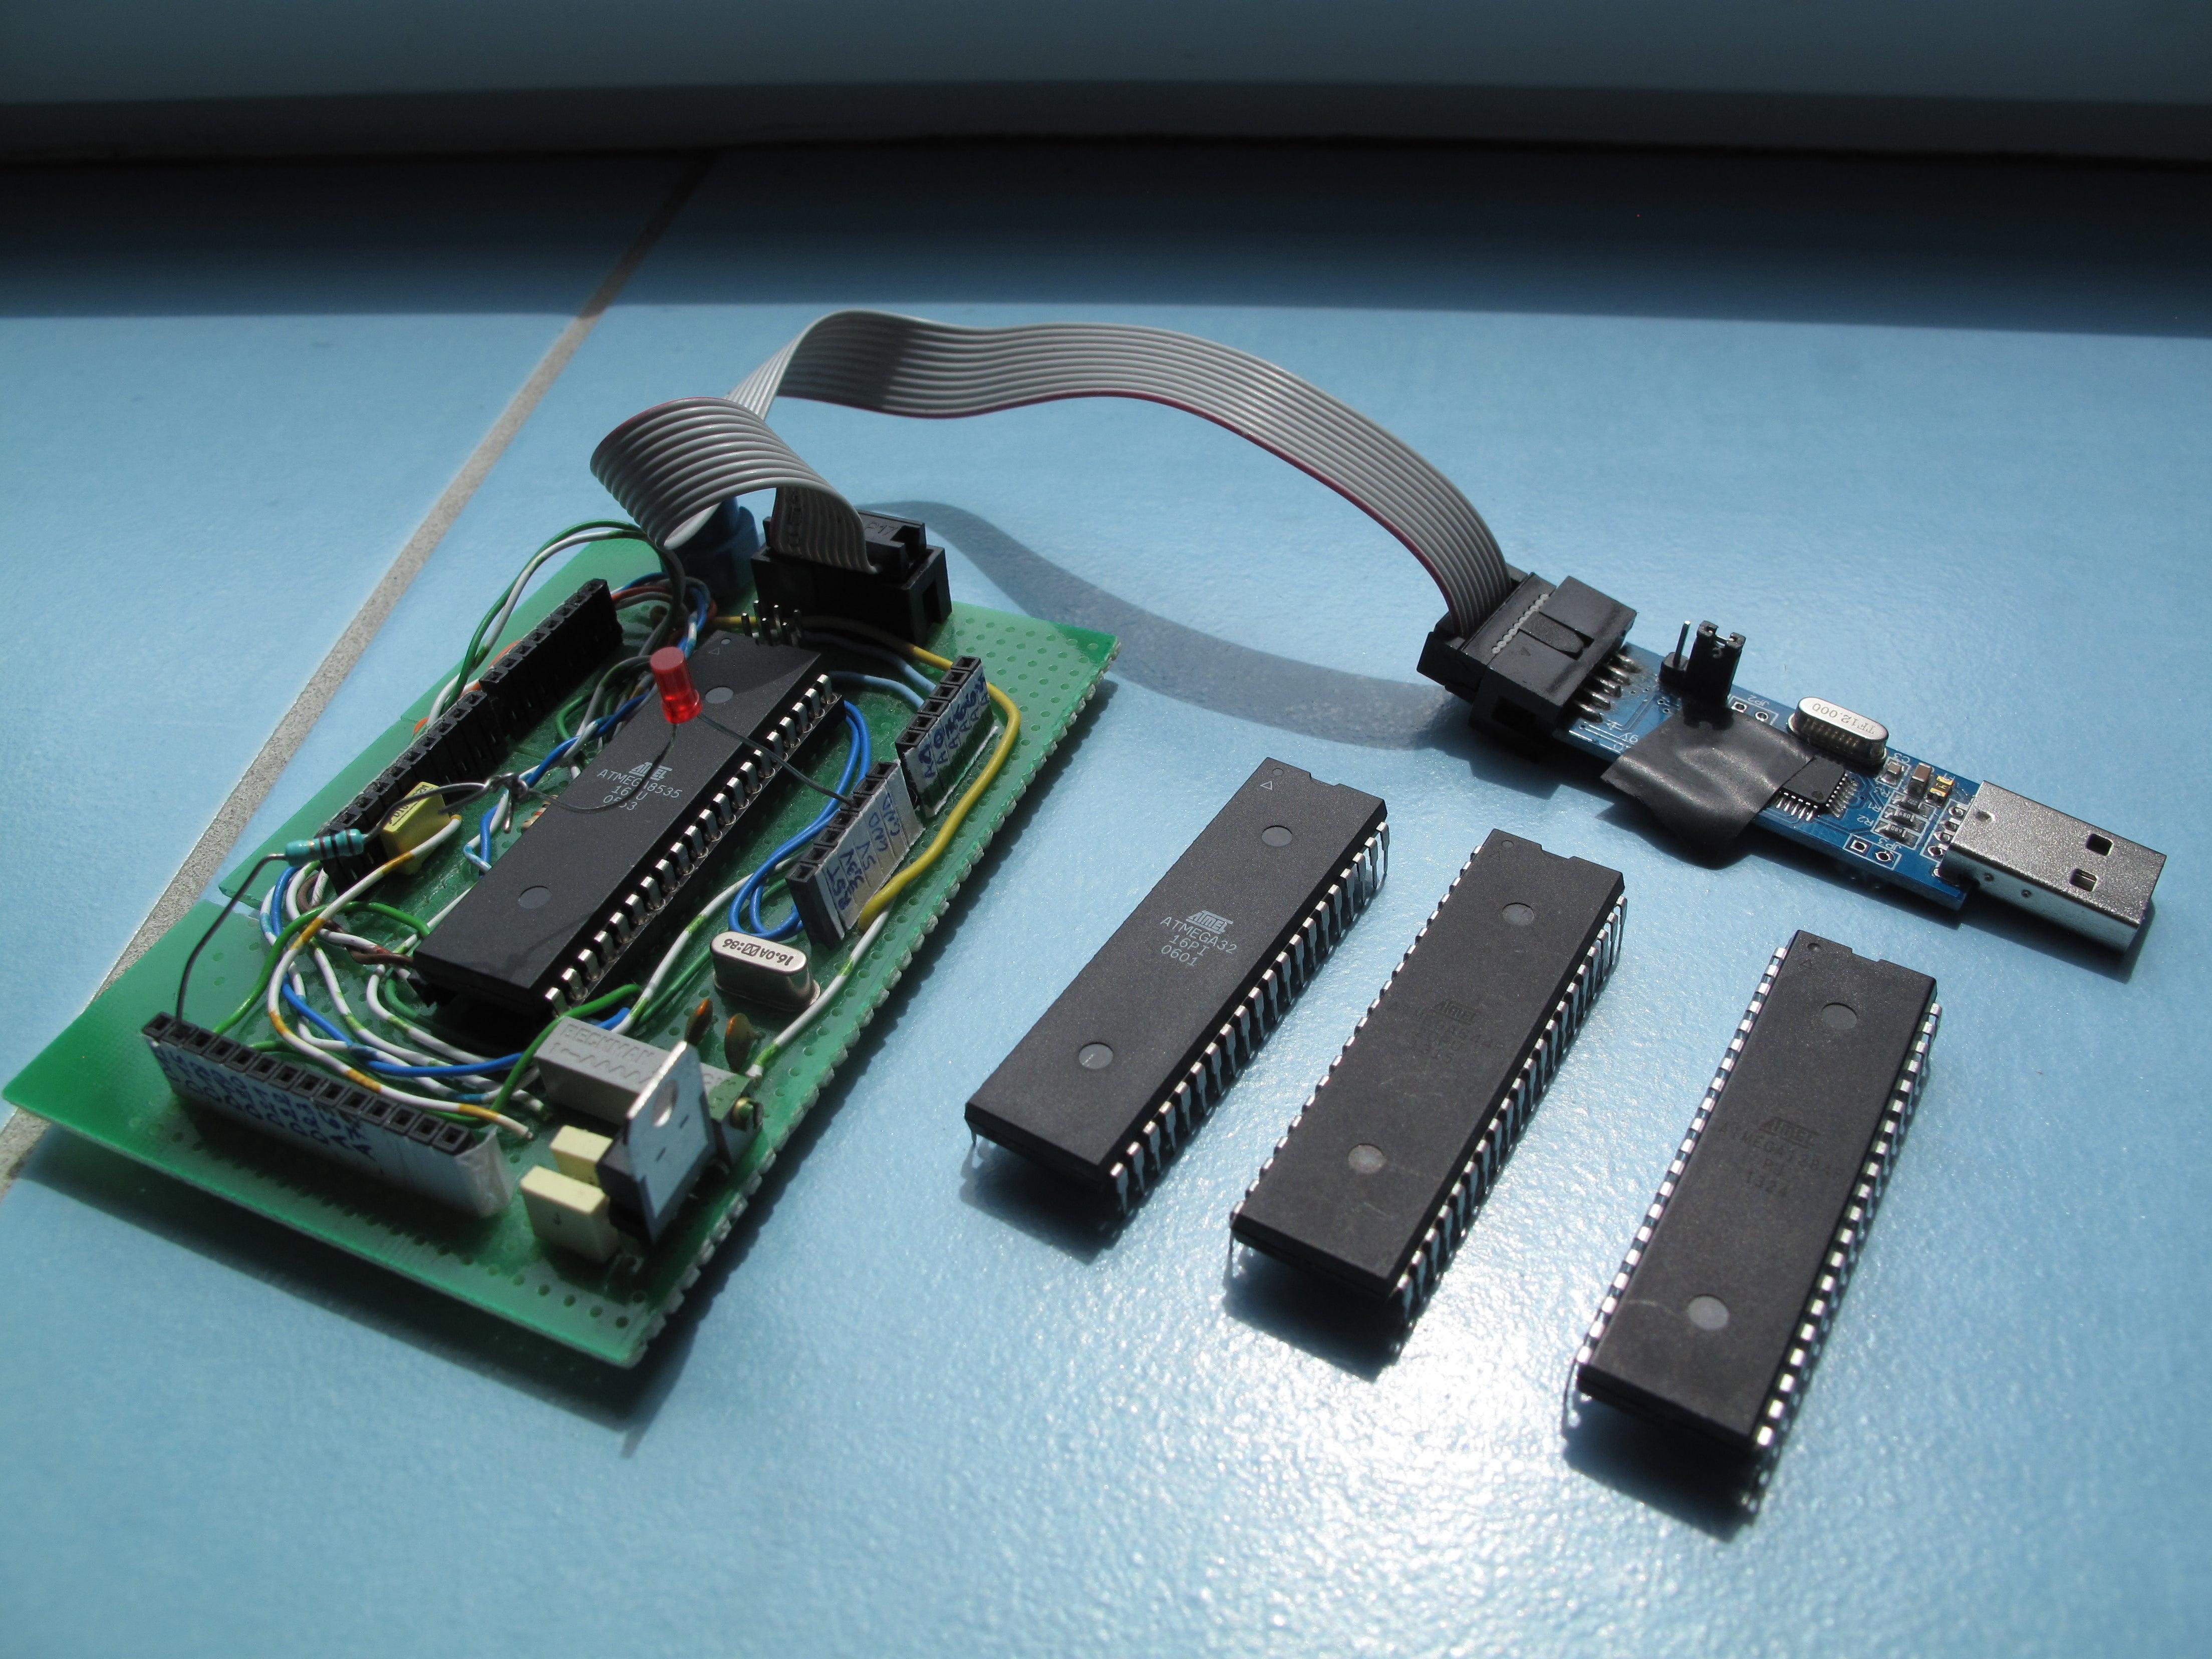 kit con 5v de voltaje estabilizador sanguino ATmega 1284-pu Arduino mcu#a933